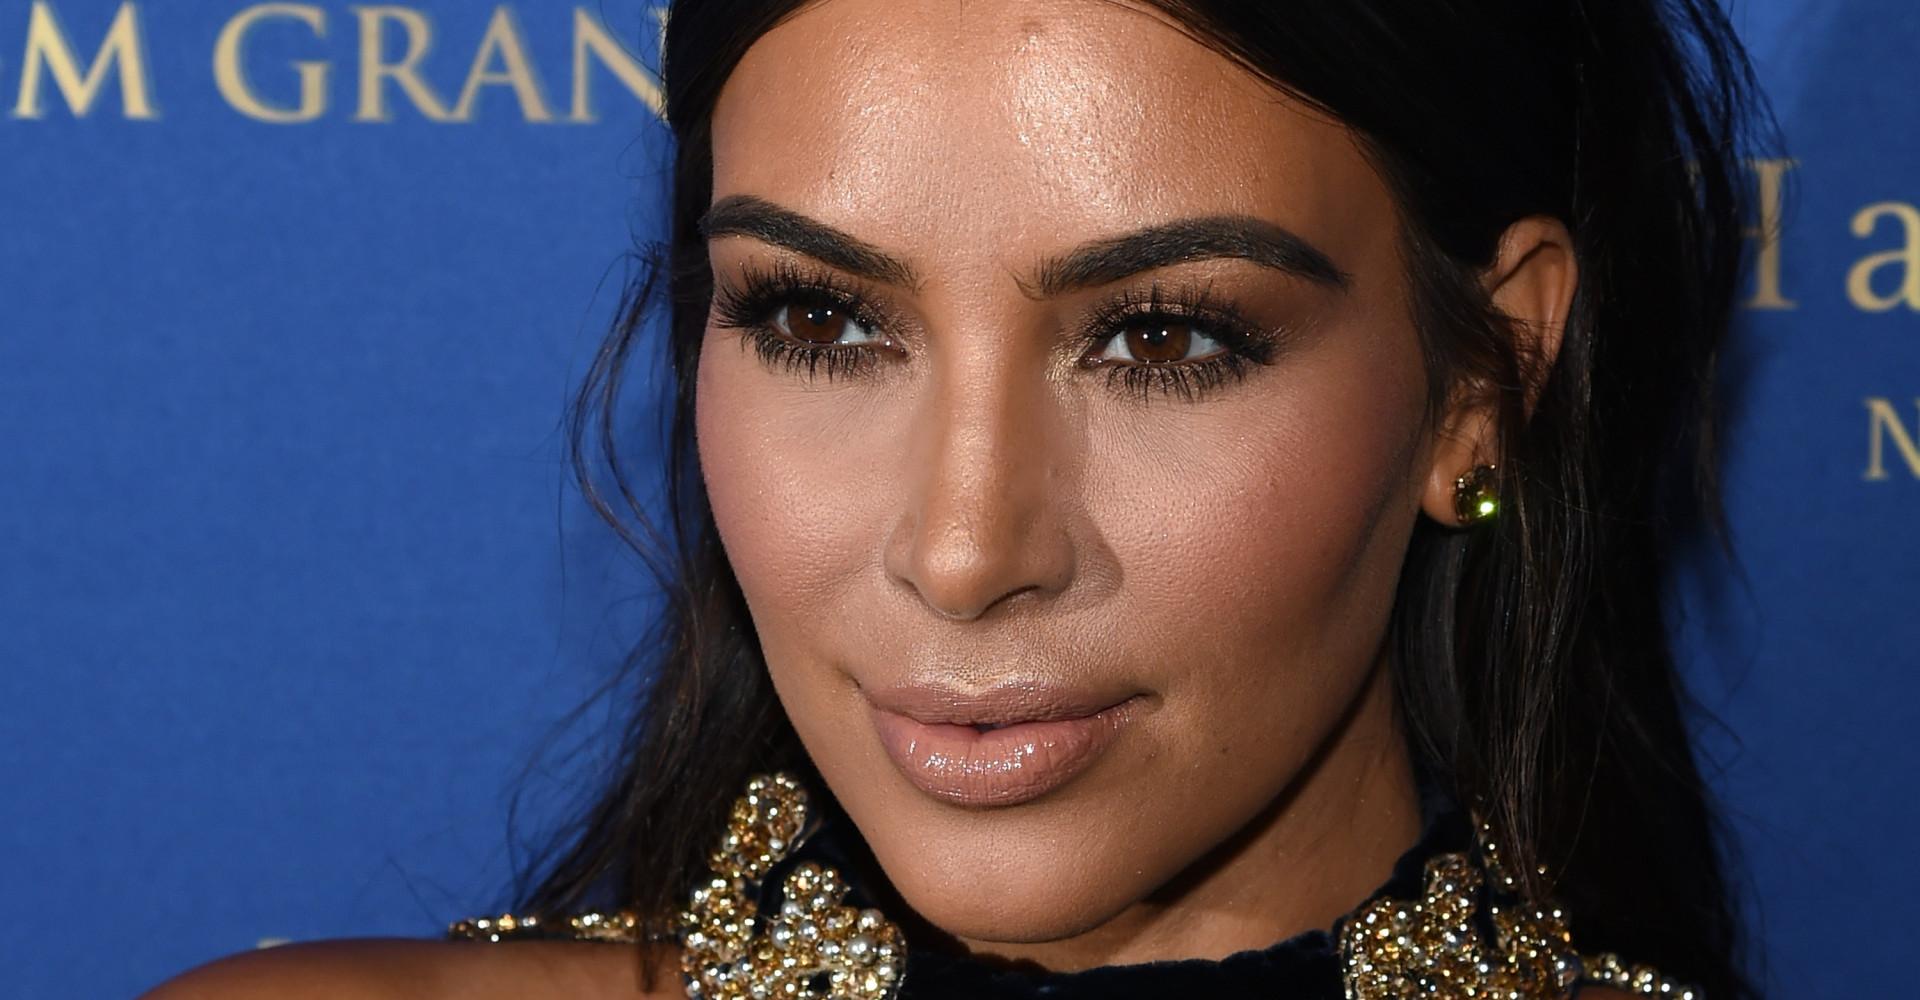 Kim Kardashian's style in 30 photos